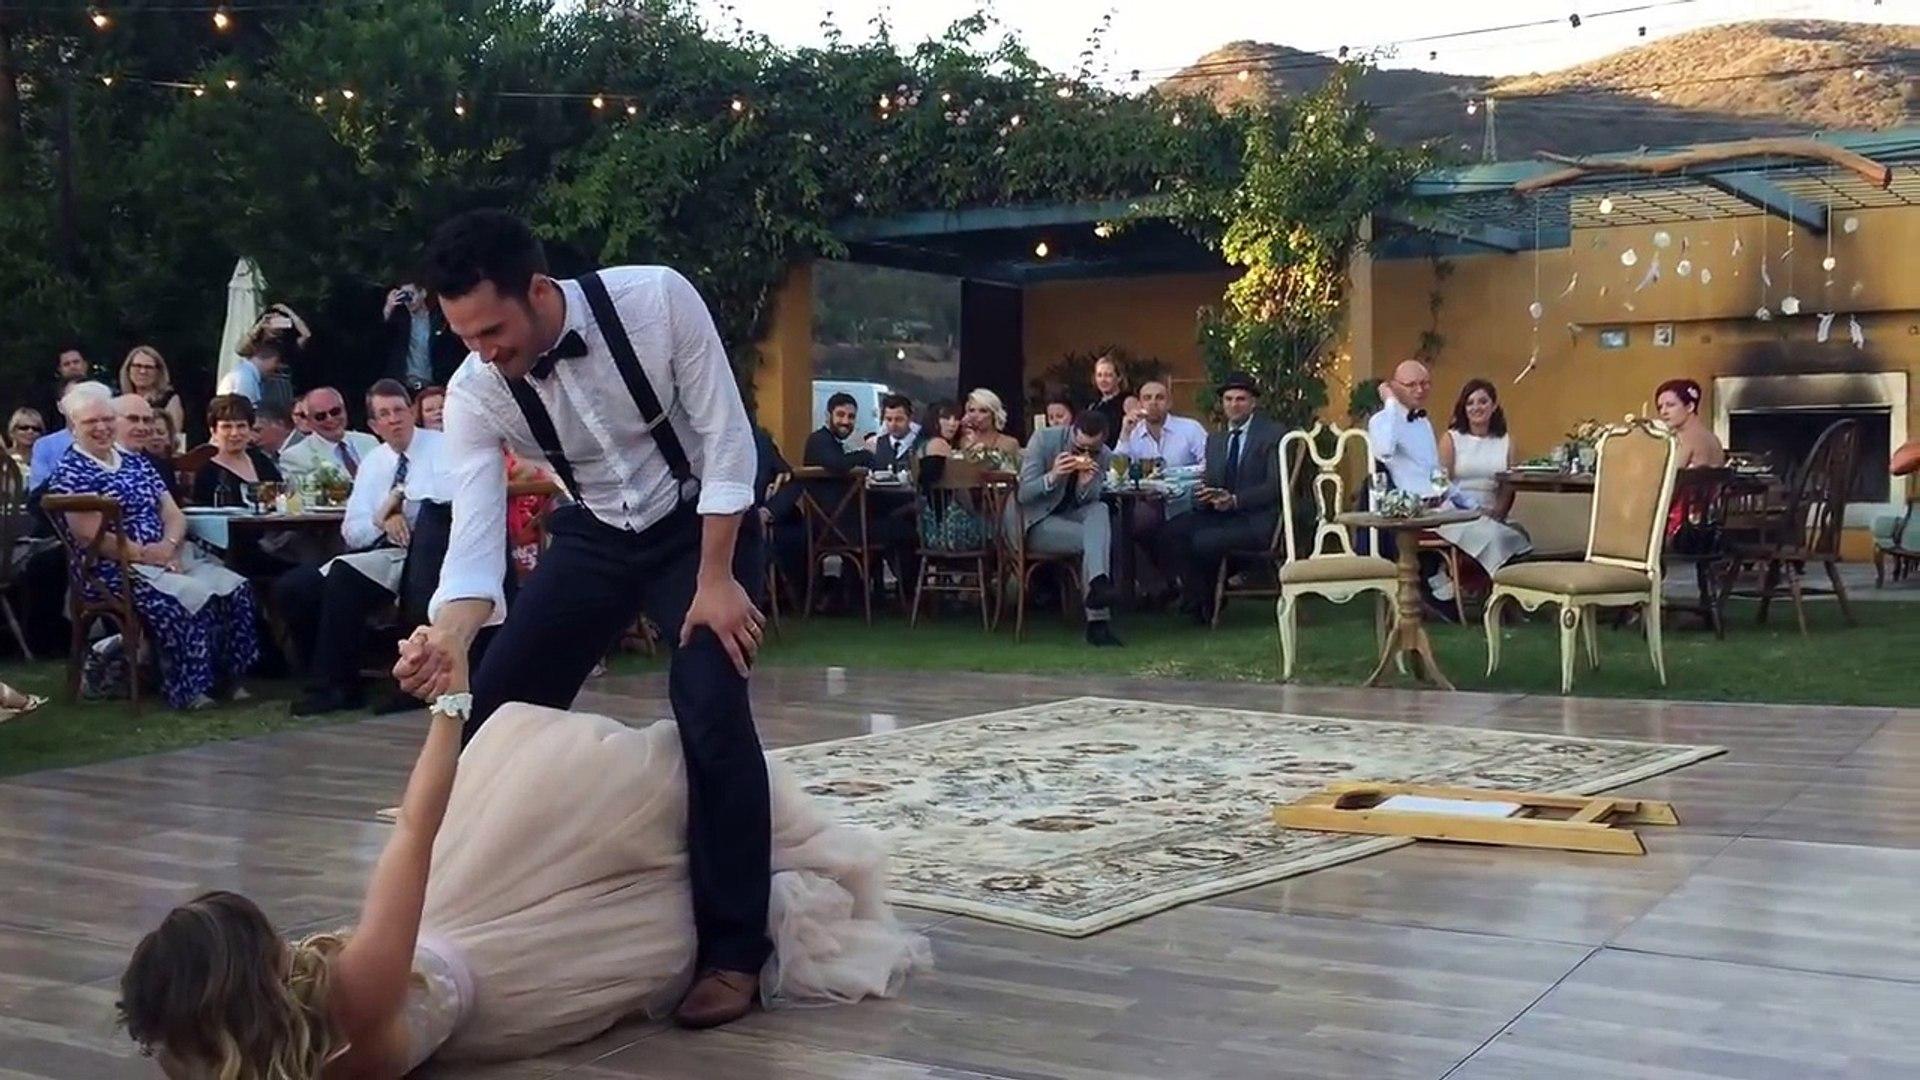 Один из самых обалденных свадебных танцев, которые я когда-либо видел!